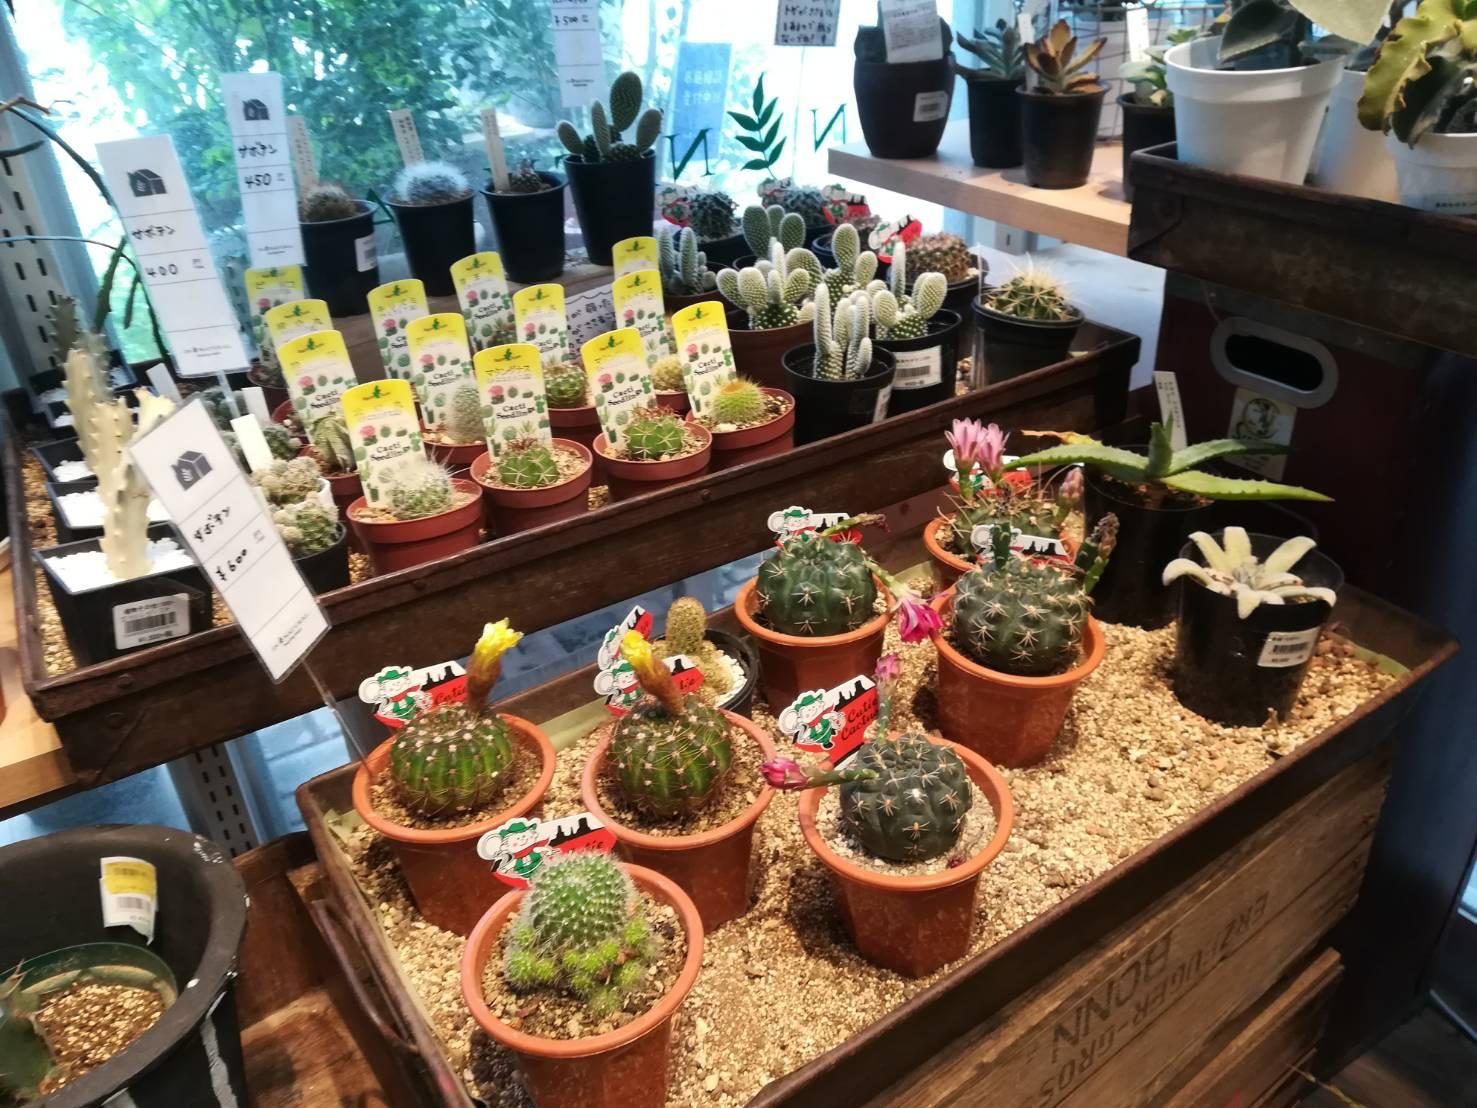 ららぽーと海老名にある植物屋「IN NATURAL」に行ってきた。